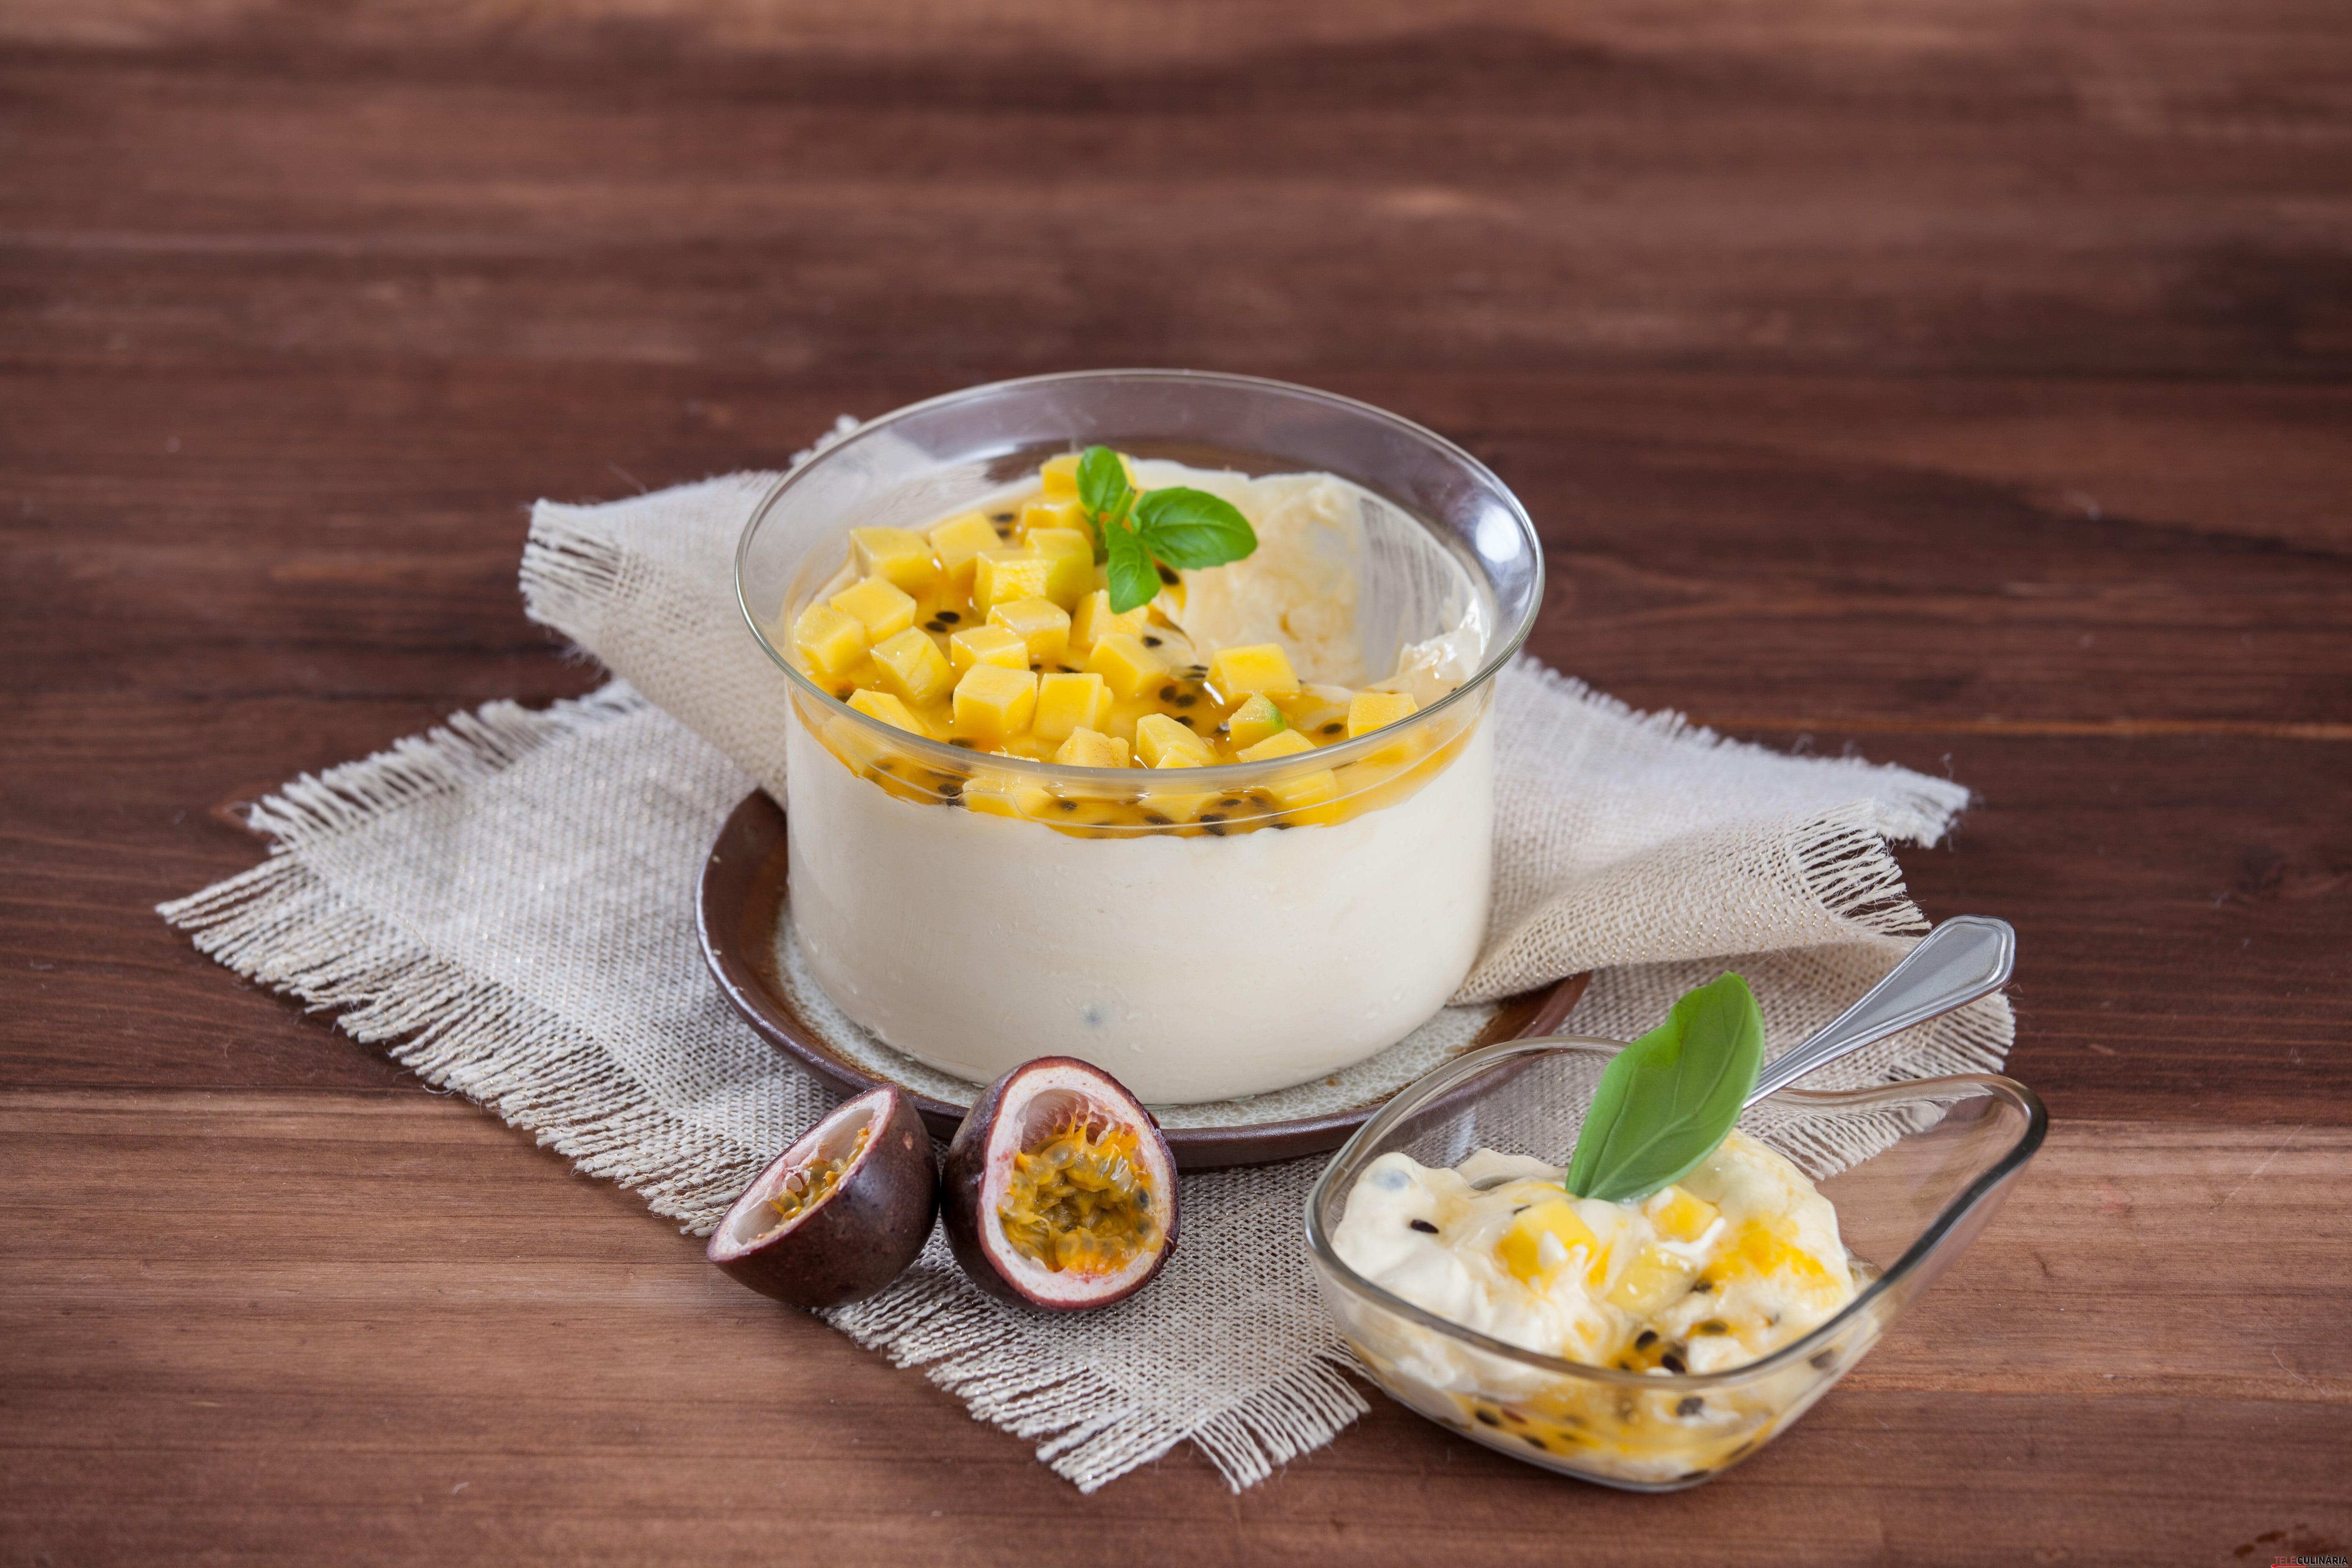 Creme de iogurte com manga e maracujá